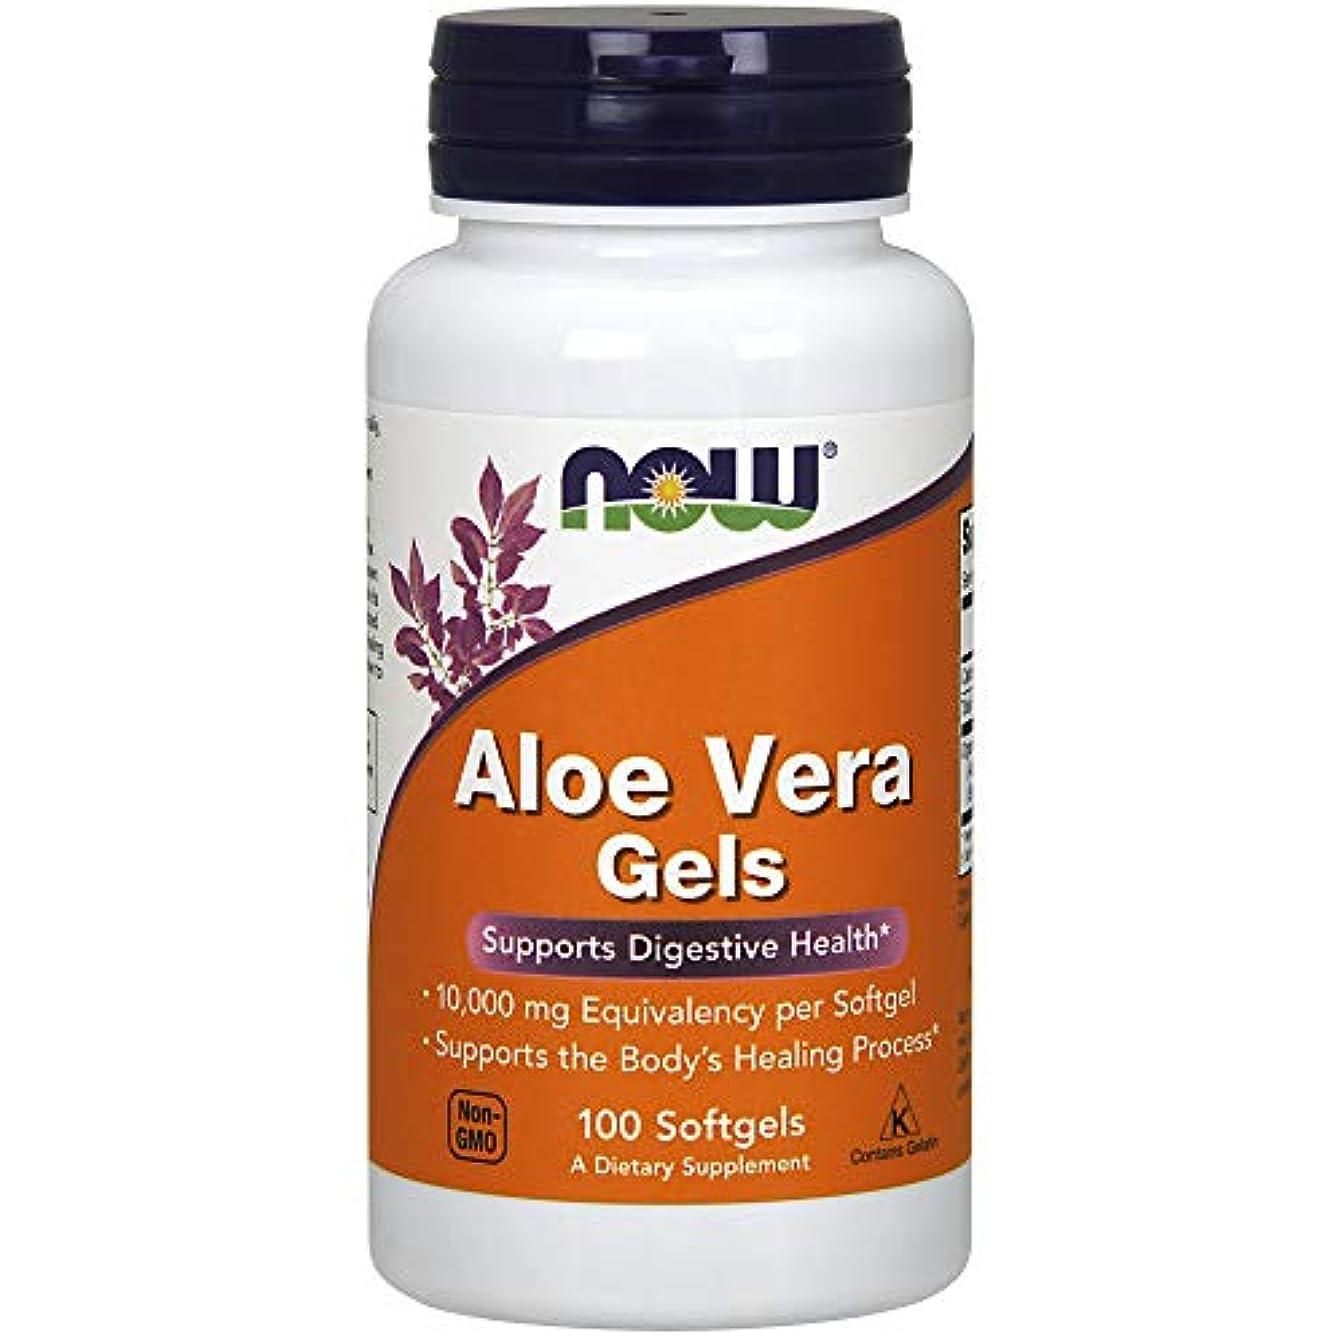 シロクマコイル晩ごはんNow Foods, Aloe Vera Gels, 100 Softgels